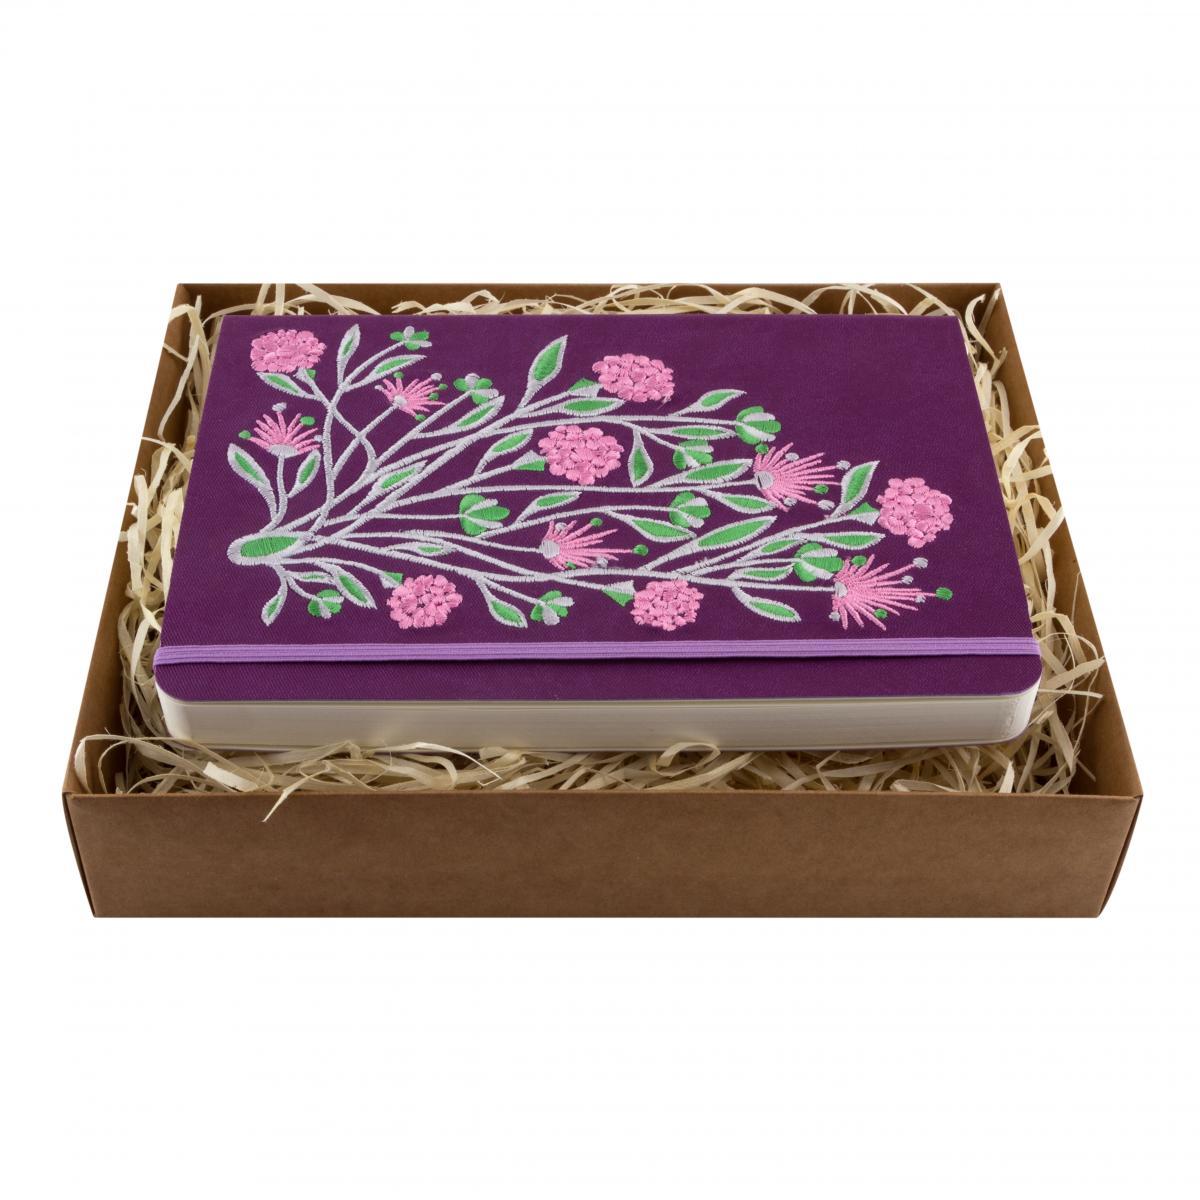 Блокнот фиолетового цвета с вышитыми цветами в коробочке. Фото №1. | Народный дом Украина